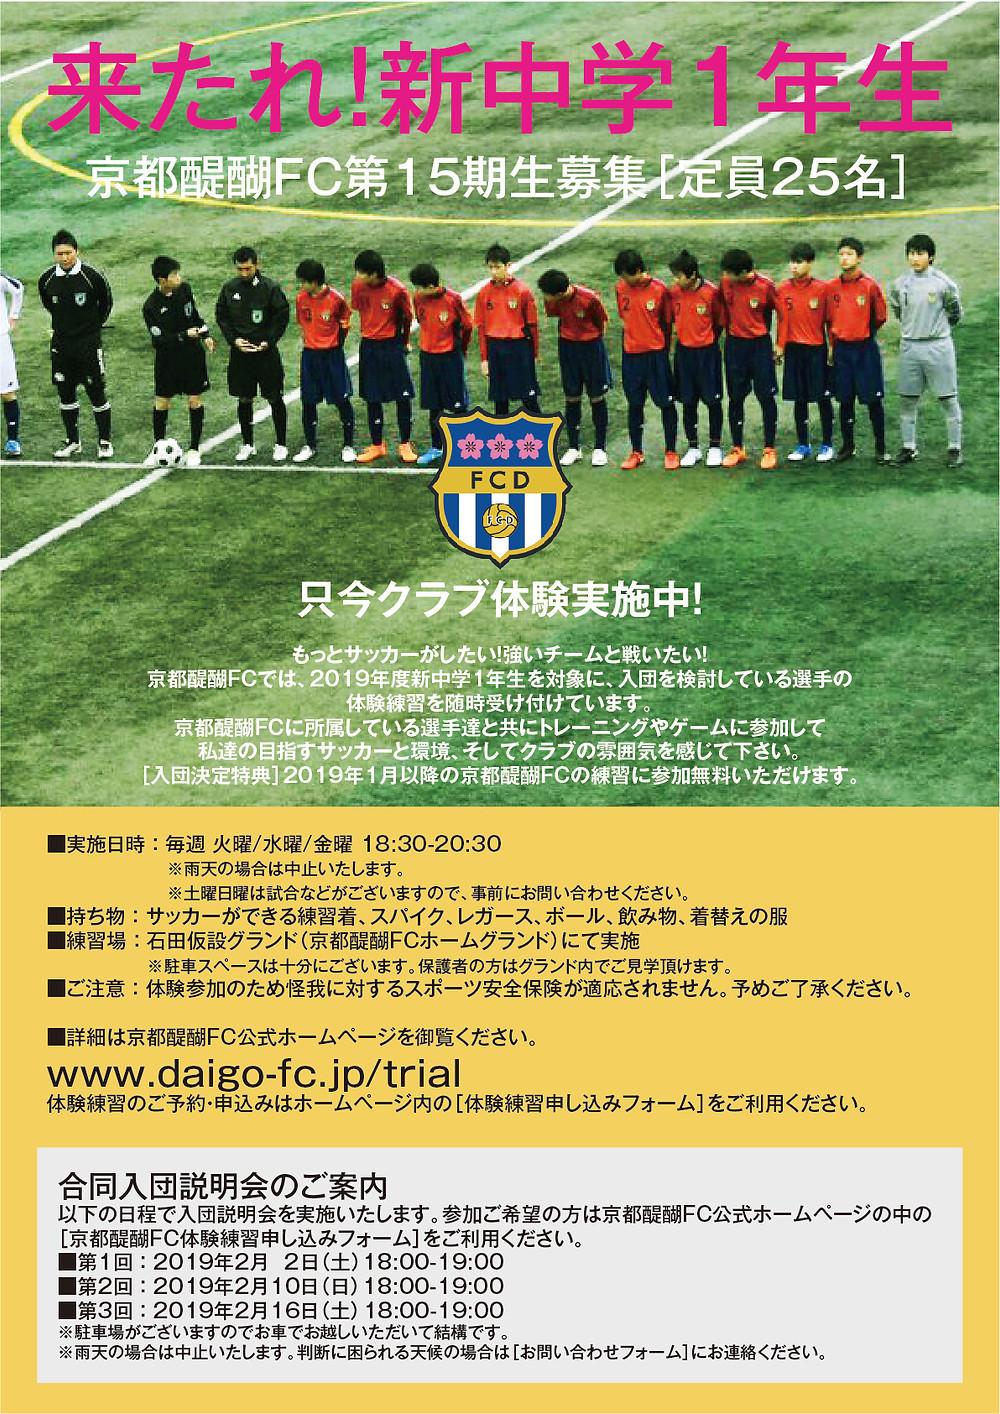 京都醍醐FC2019年度新中学1年生募集